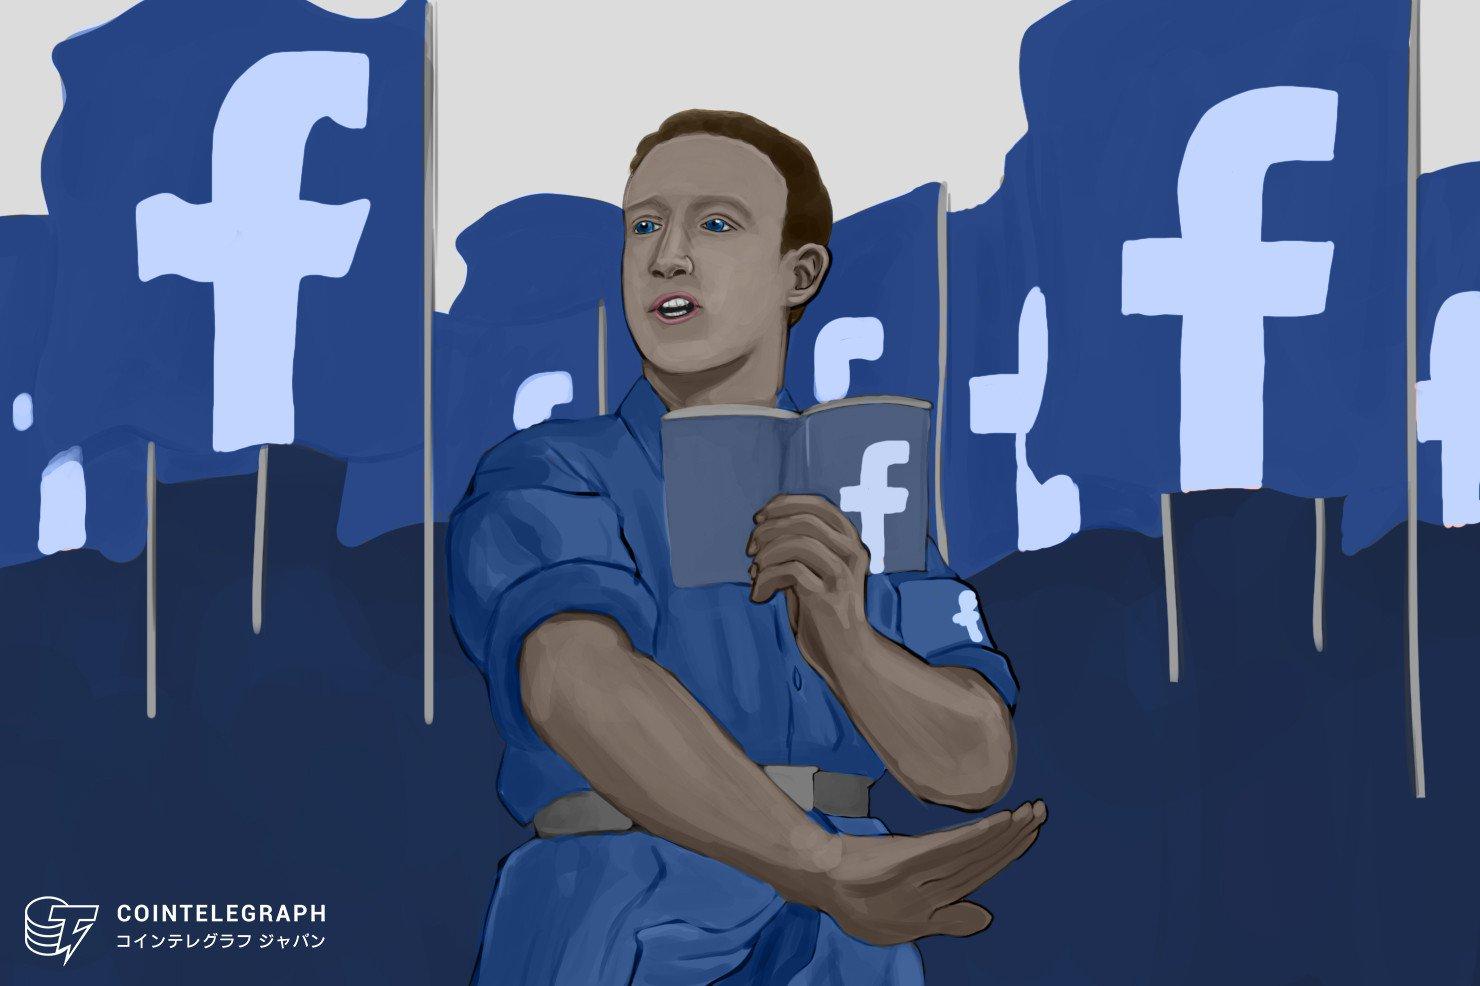 """""""仮想通貨史の転換点"""" フェイスブックCEO、今夜の議会証言は大丈夫か? 逆に火に油を注ぐ可能性も…【ニュース】"""